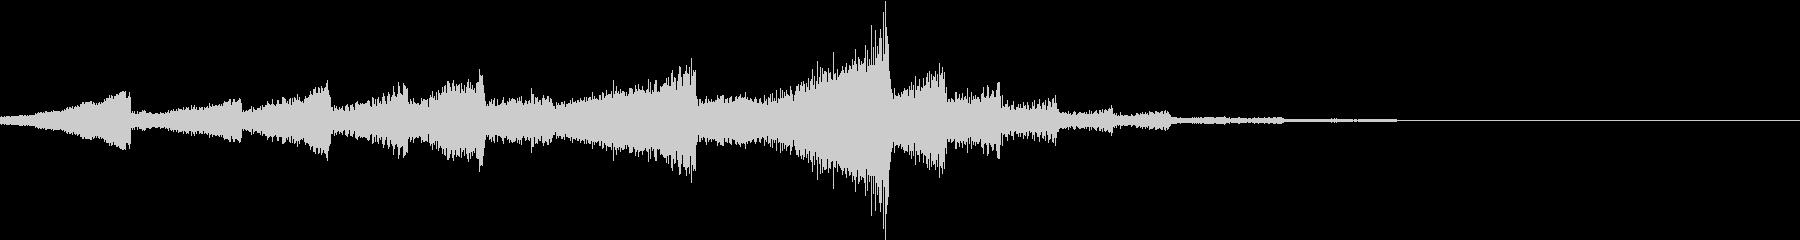 神秘的なサウンドロゴの未再生の波形